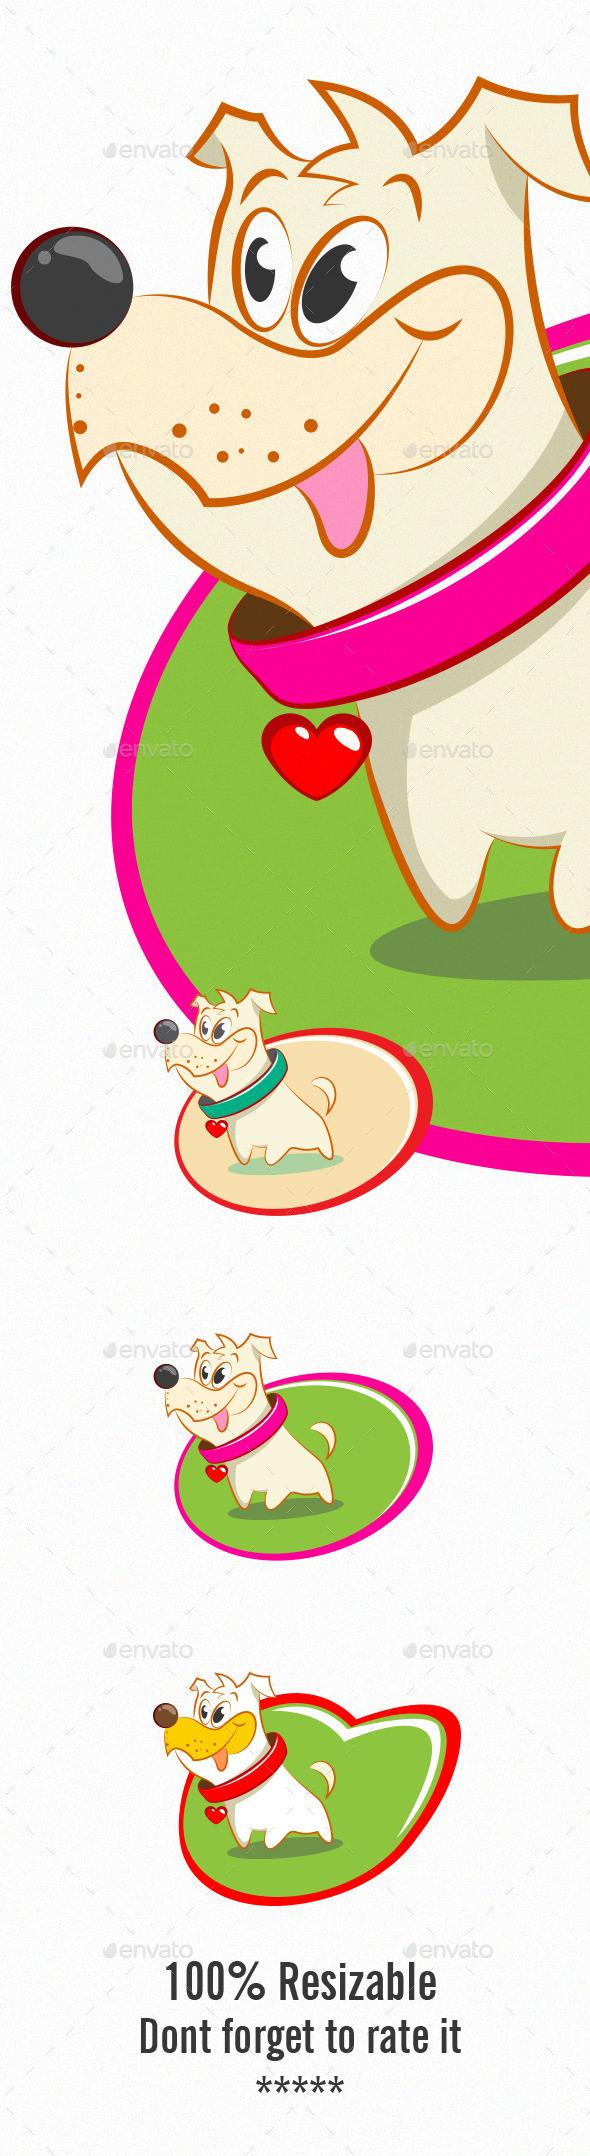 Dog - Characters Vectors